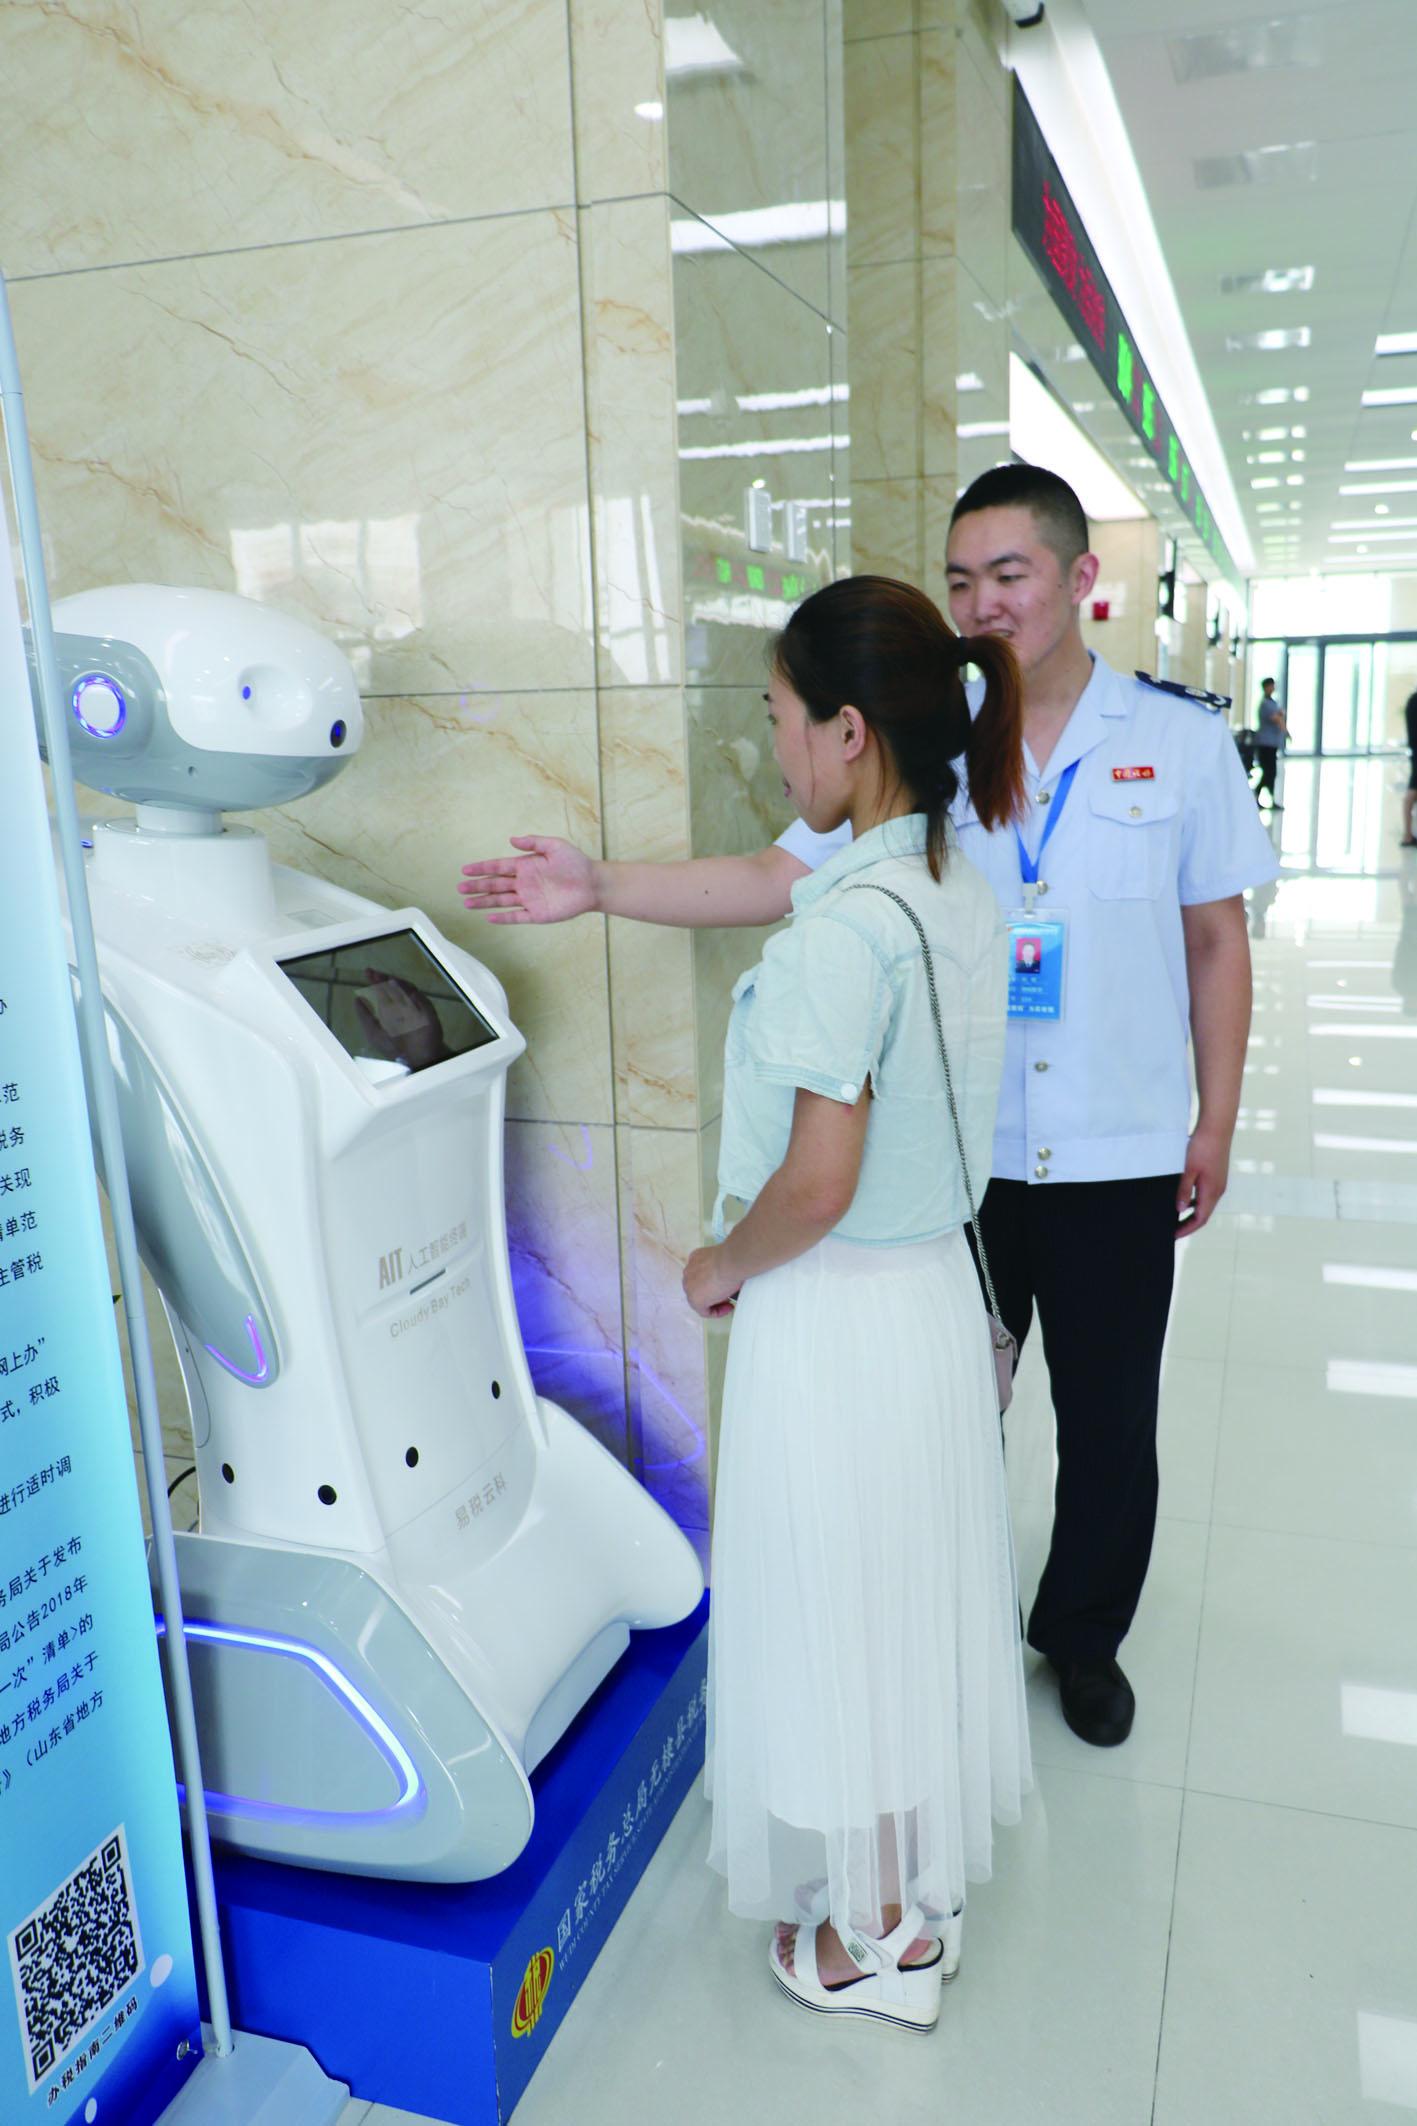 政务服务中心税务大厅用上了智能机器人